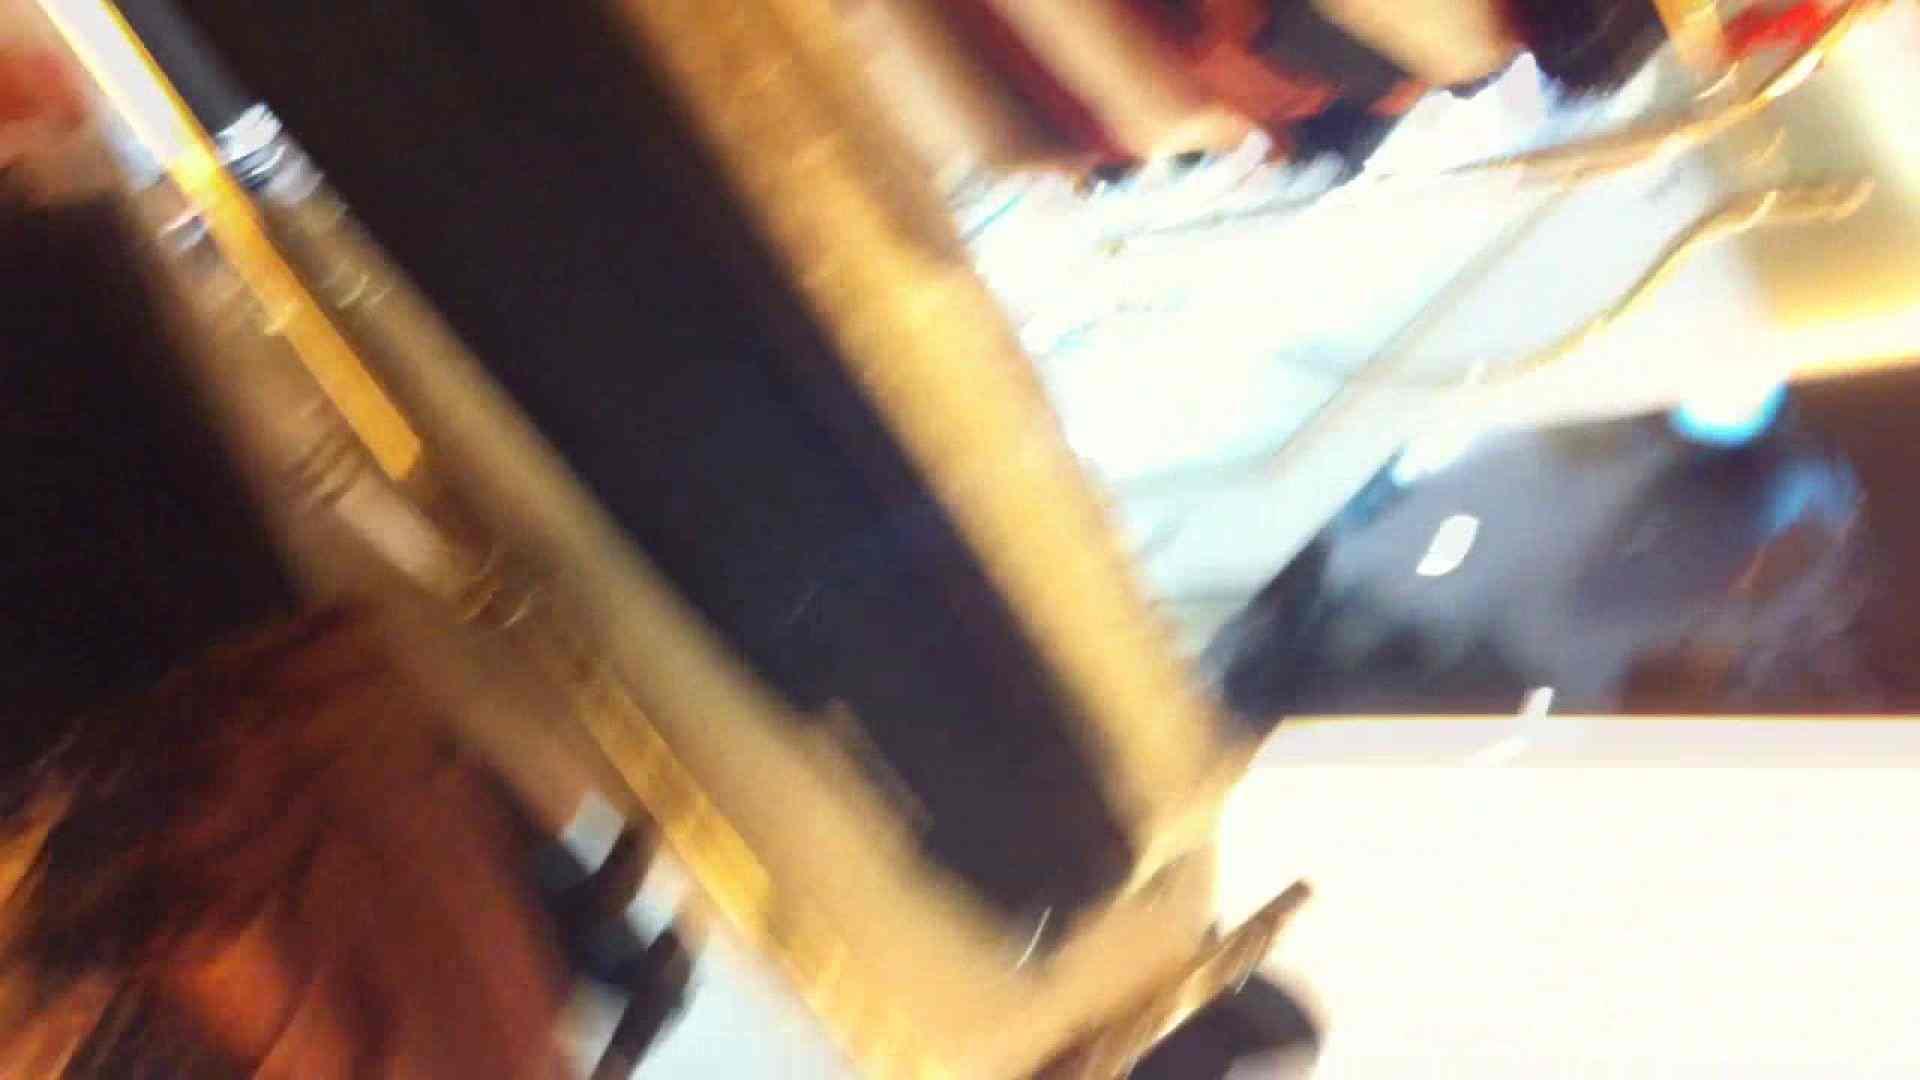 フルHD ショップ店員千人斬り! 大画面ノーカット完全版 vol.62 OLエロ画像 盗み撮り動画キャプチャ 102PICs 97